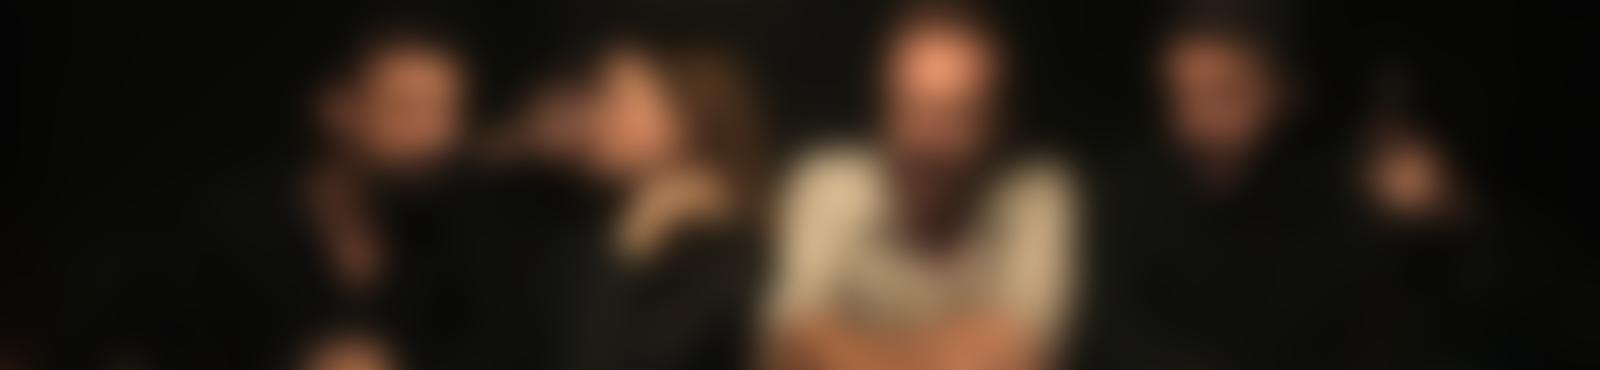 Blurred e2505e70 710a 42d2 bf5b 935e7f5bd052